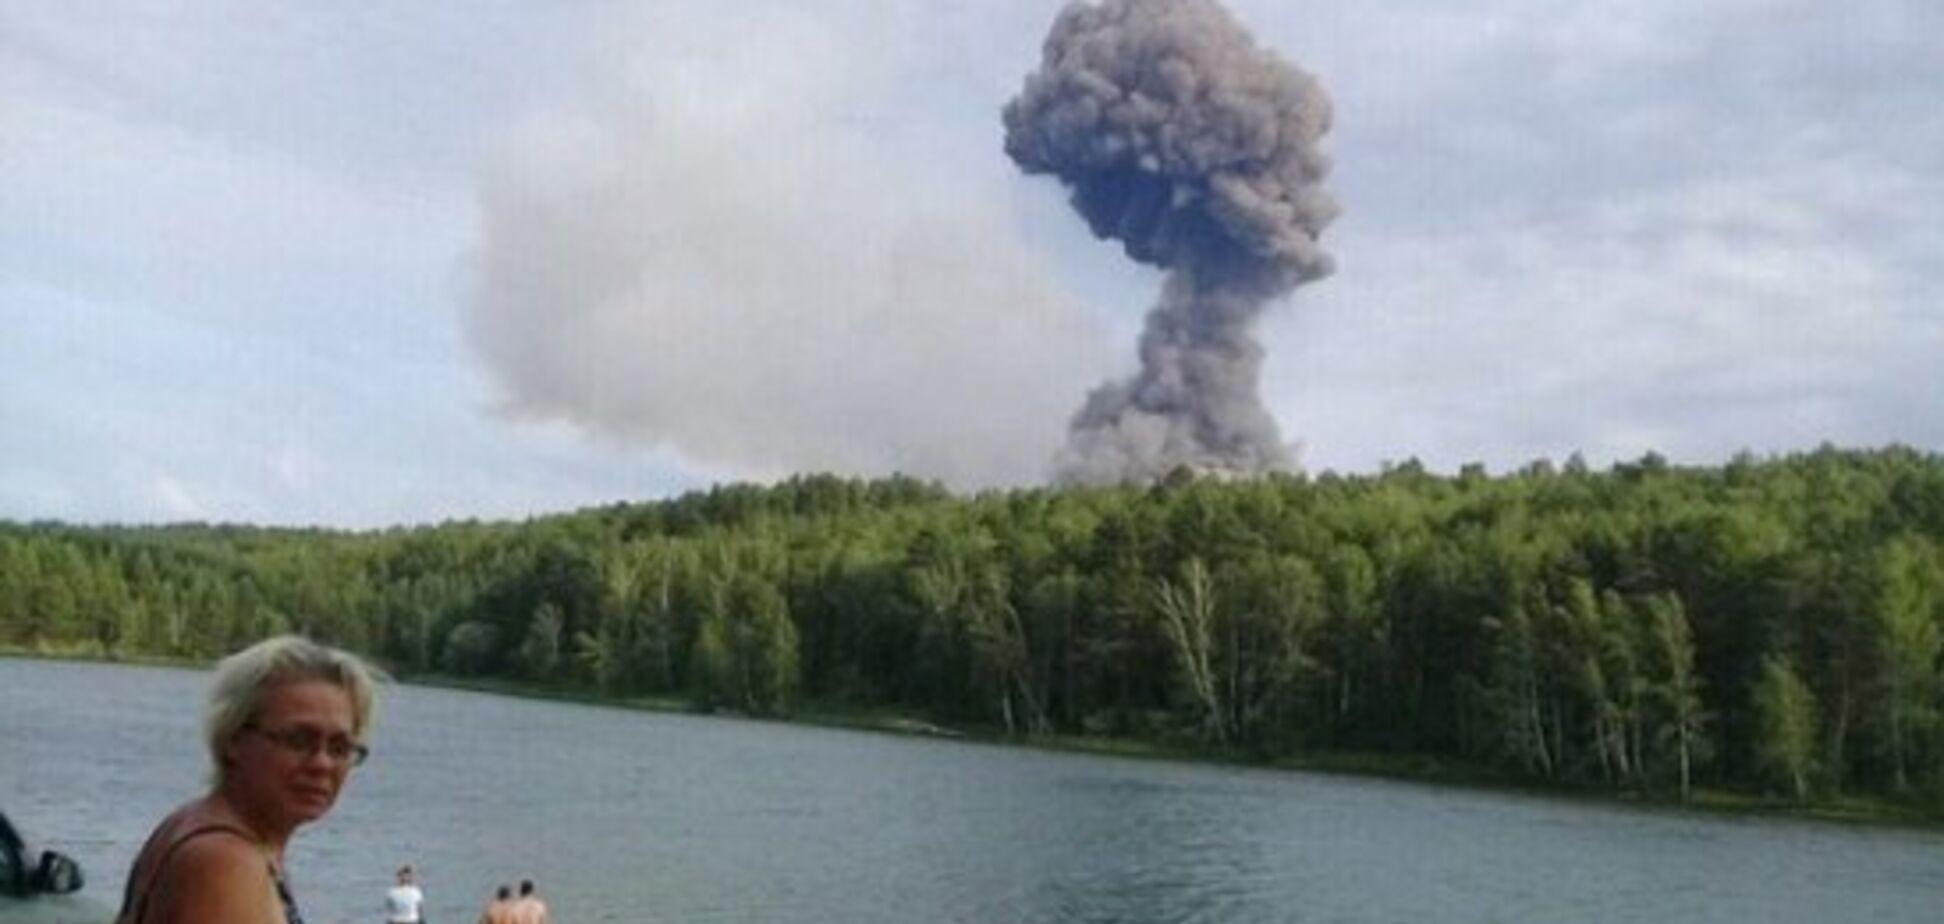 Валяются неразорванные снаряды: взрывы под Красноярском получили чудовищные последствия